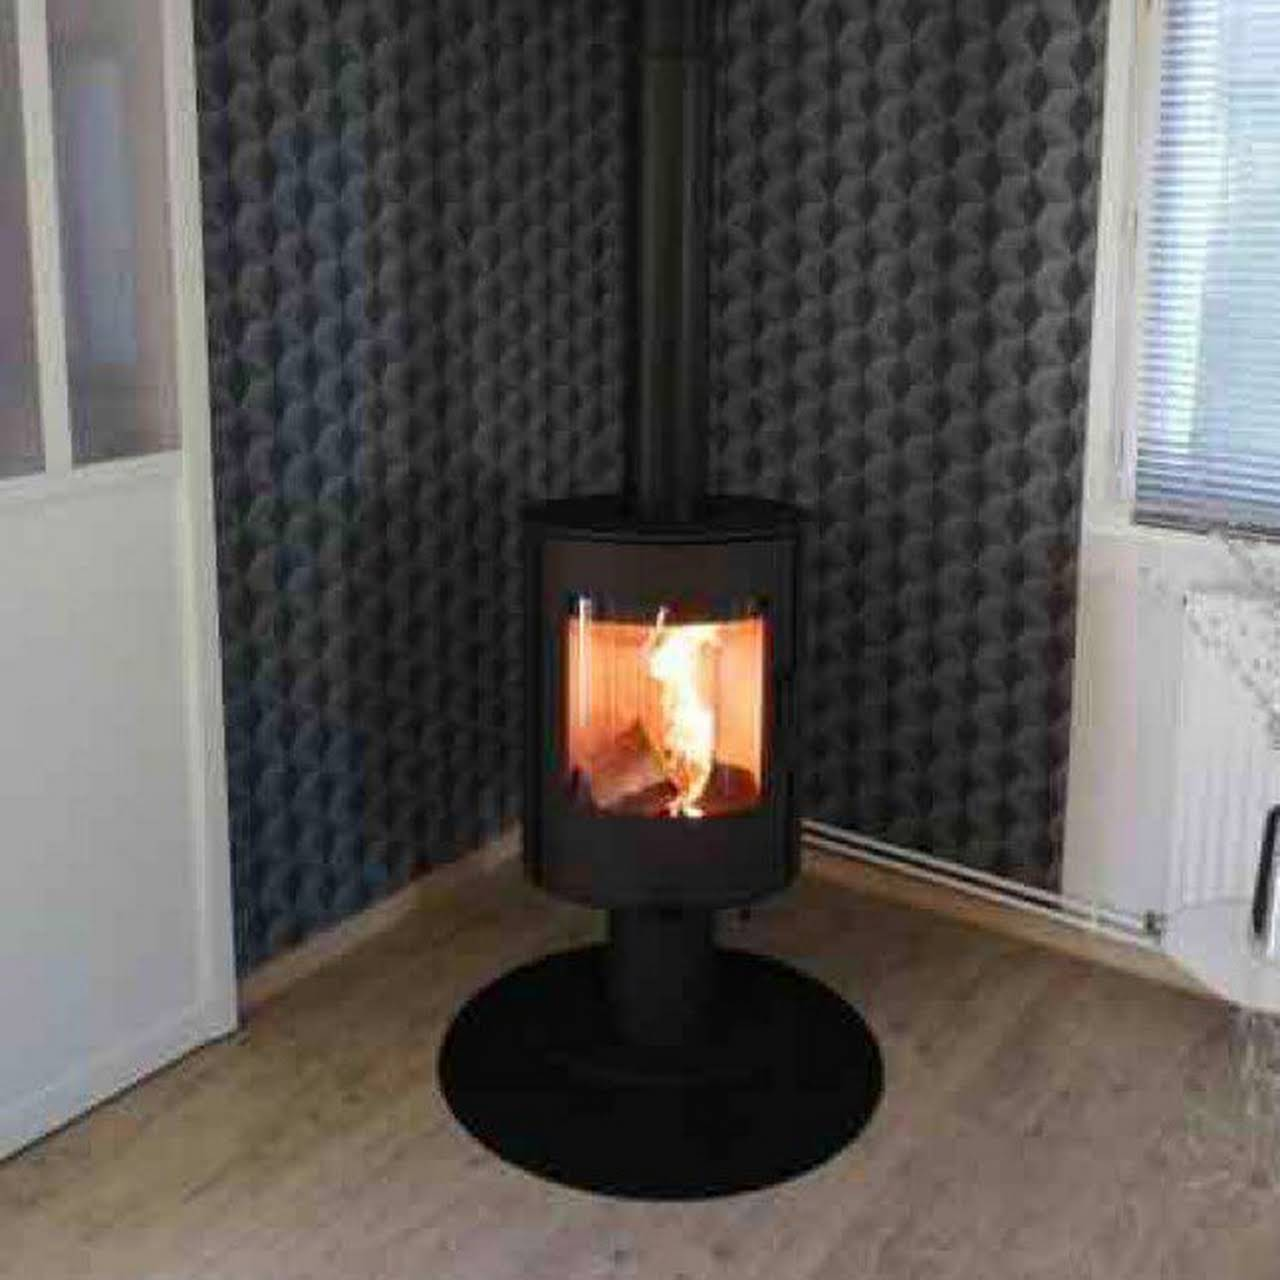 Installateur Poele A Bois Le Havre les designers du feu, poêle et cheminée le havre